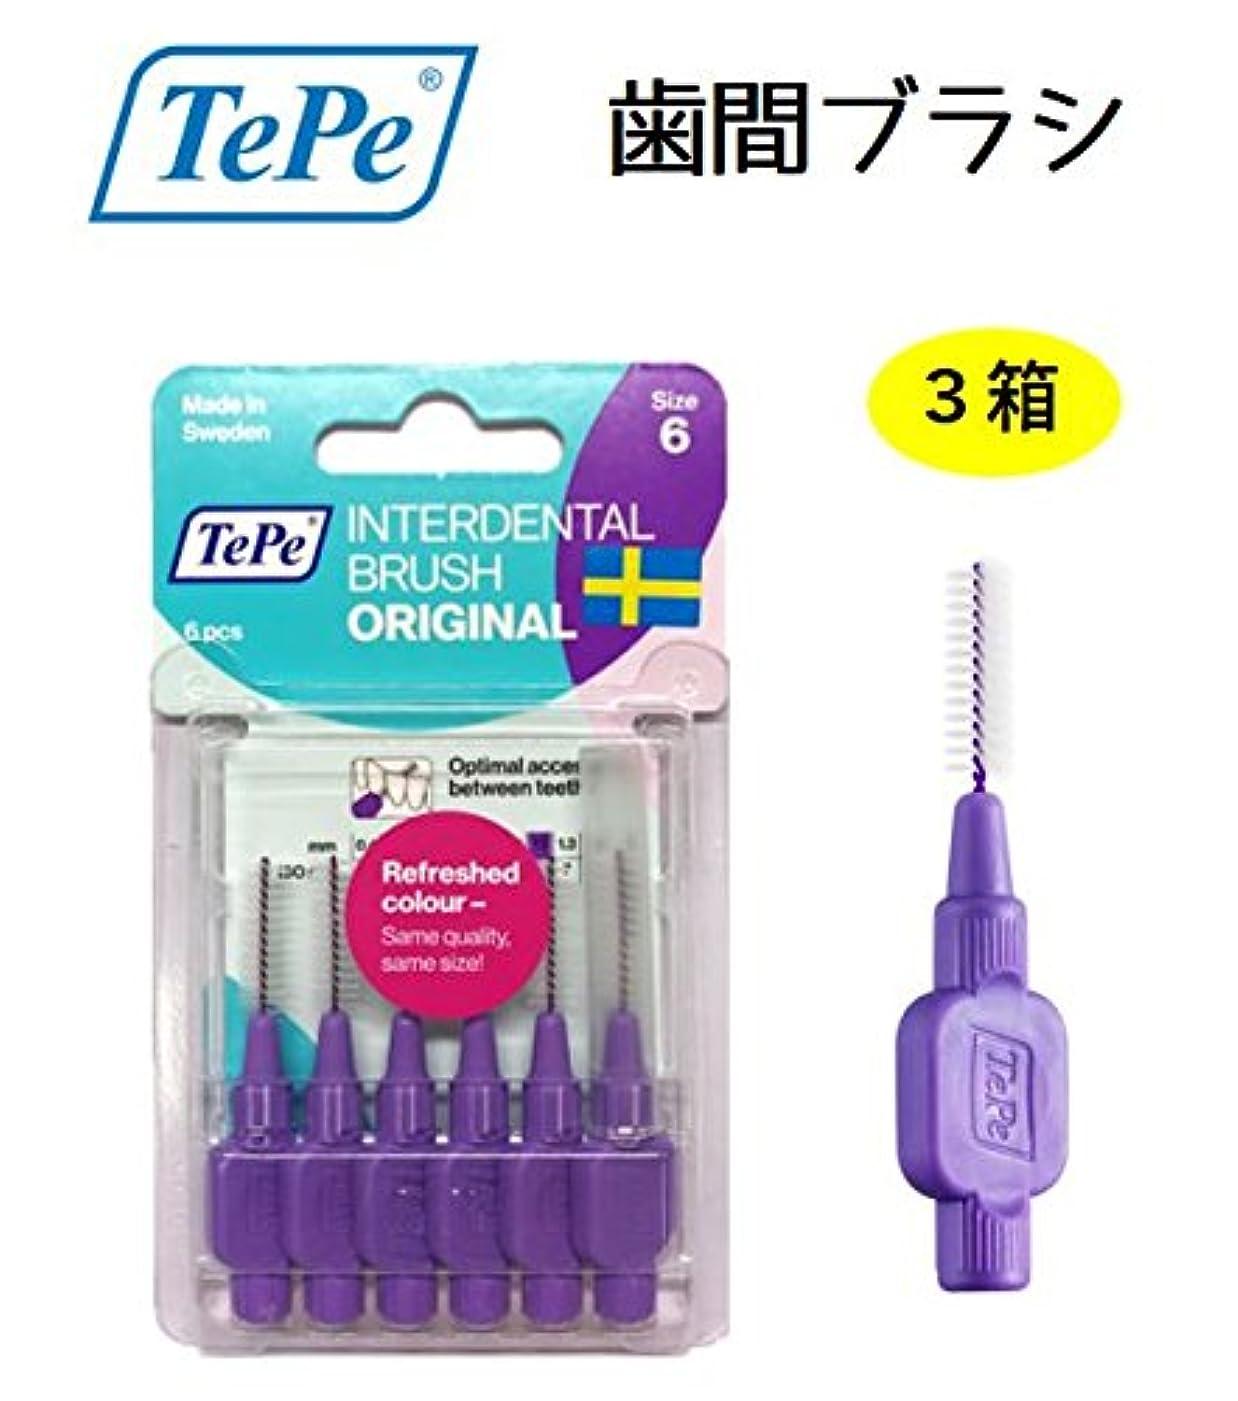 ほこり革新桃テペ 歯間プラシ 1.1mm ブリスターパック 3パック TePe IDブラシ